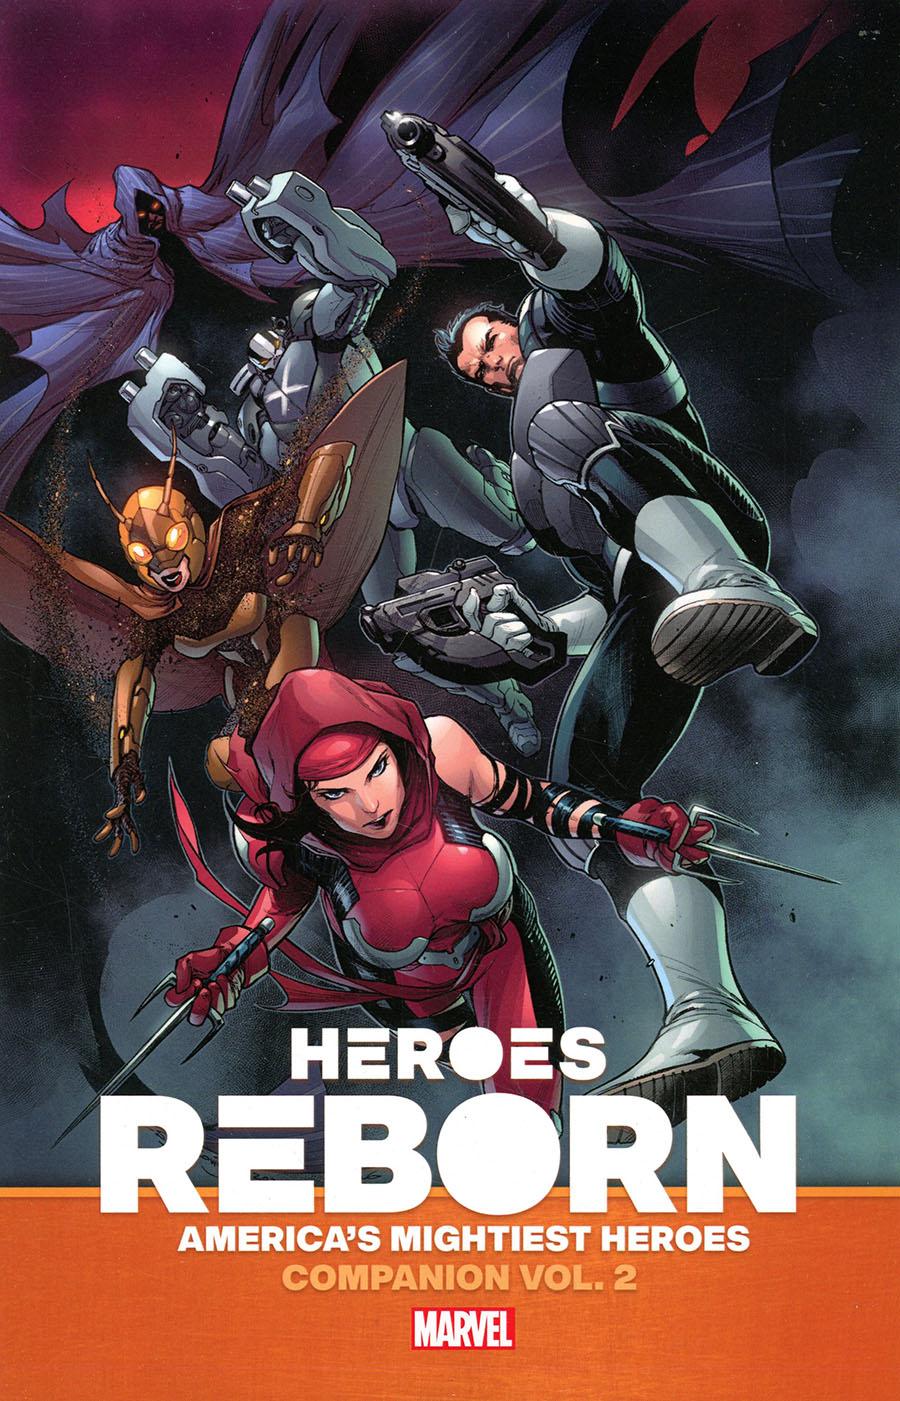 Heroes Reborn Americas Mightiest Heroes Companion Vol 2 TP